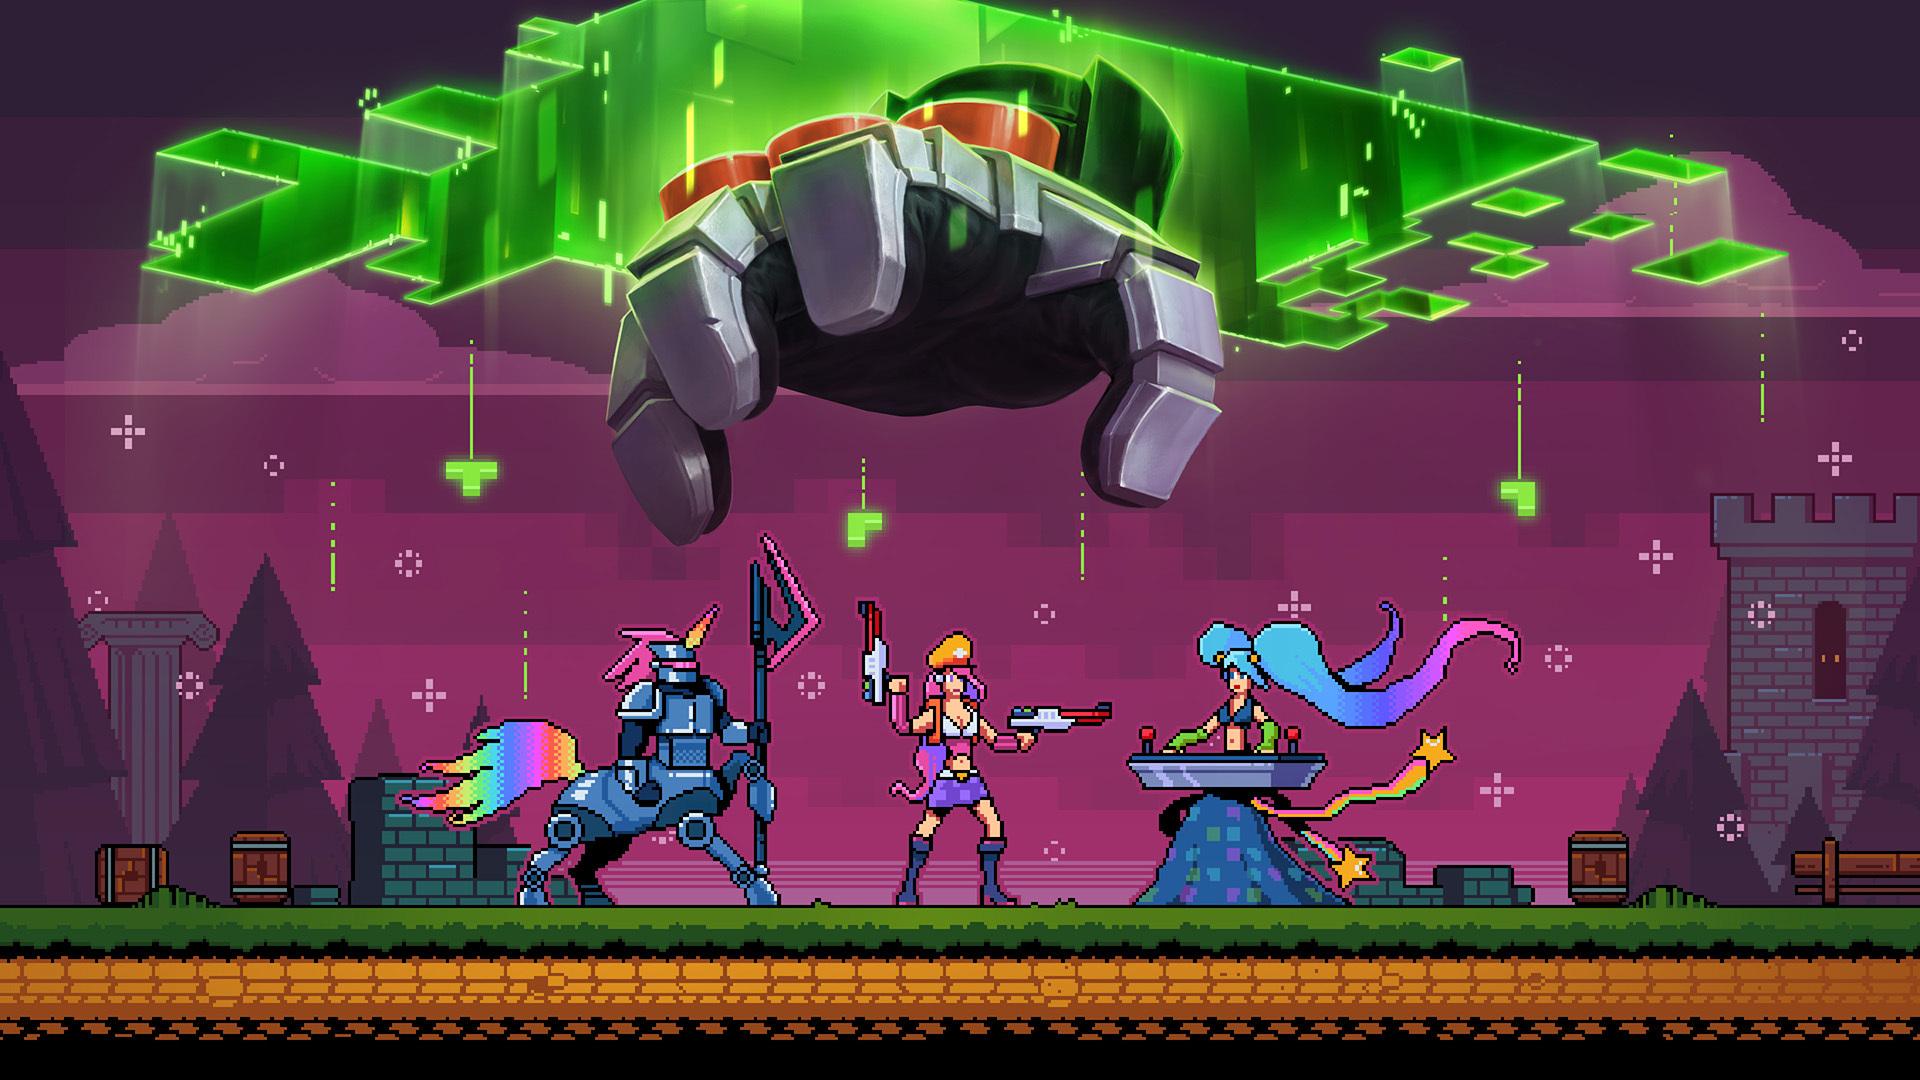 拳头公布电玩系列新皮肤 终极boss降临